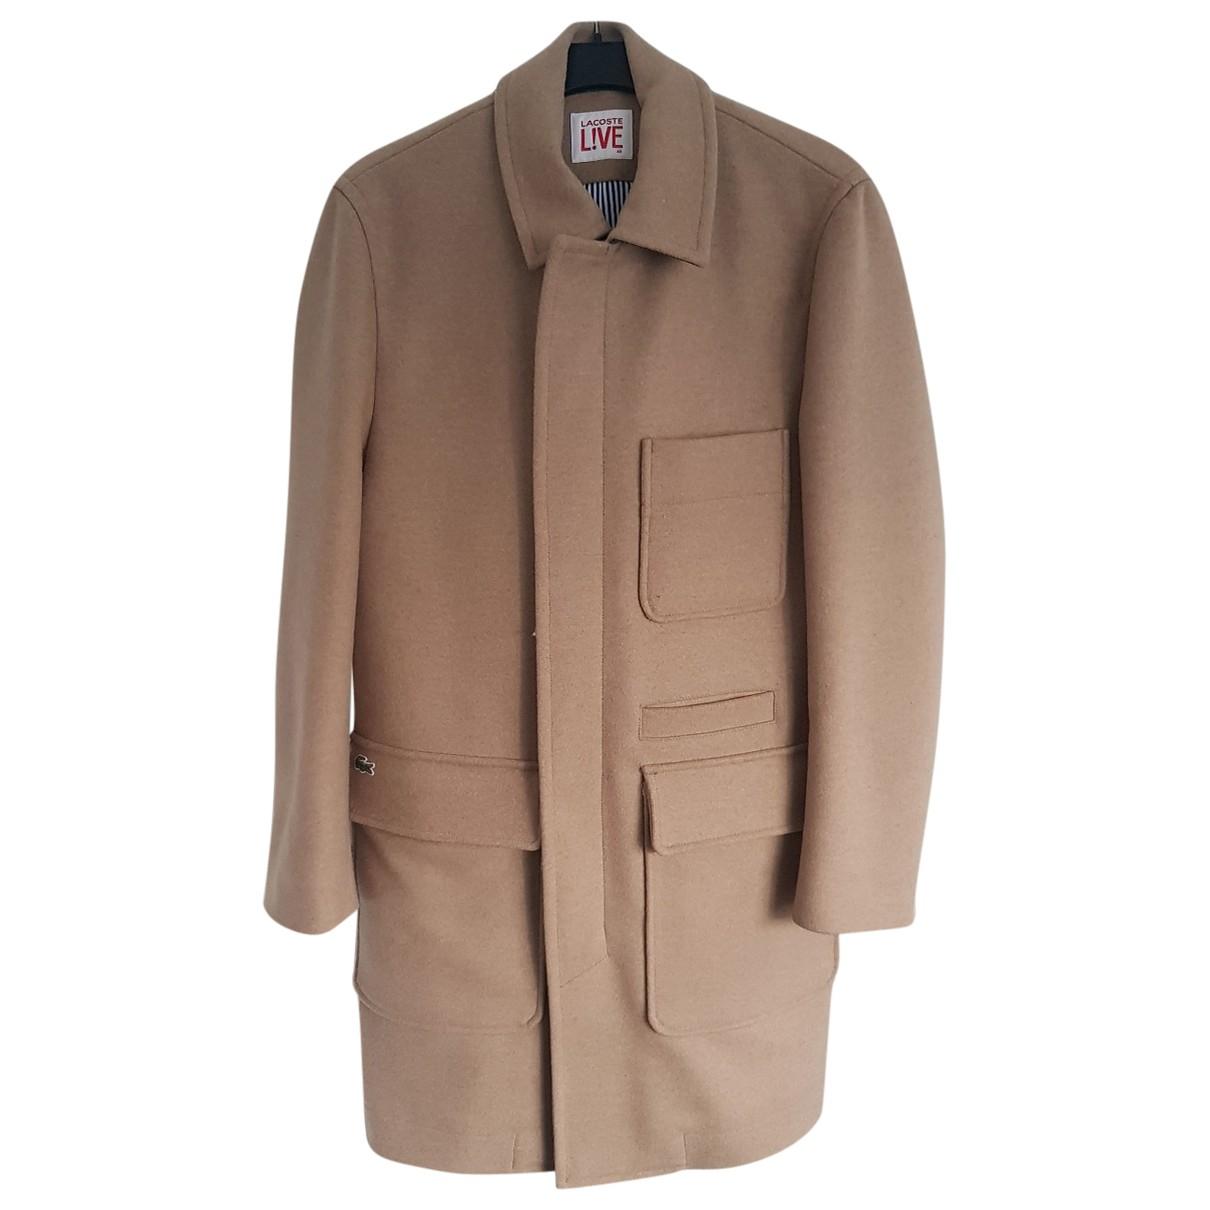 Lacoste Live - Manteau   pour homme en laine - beige